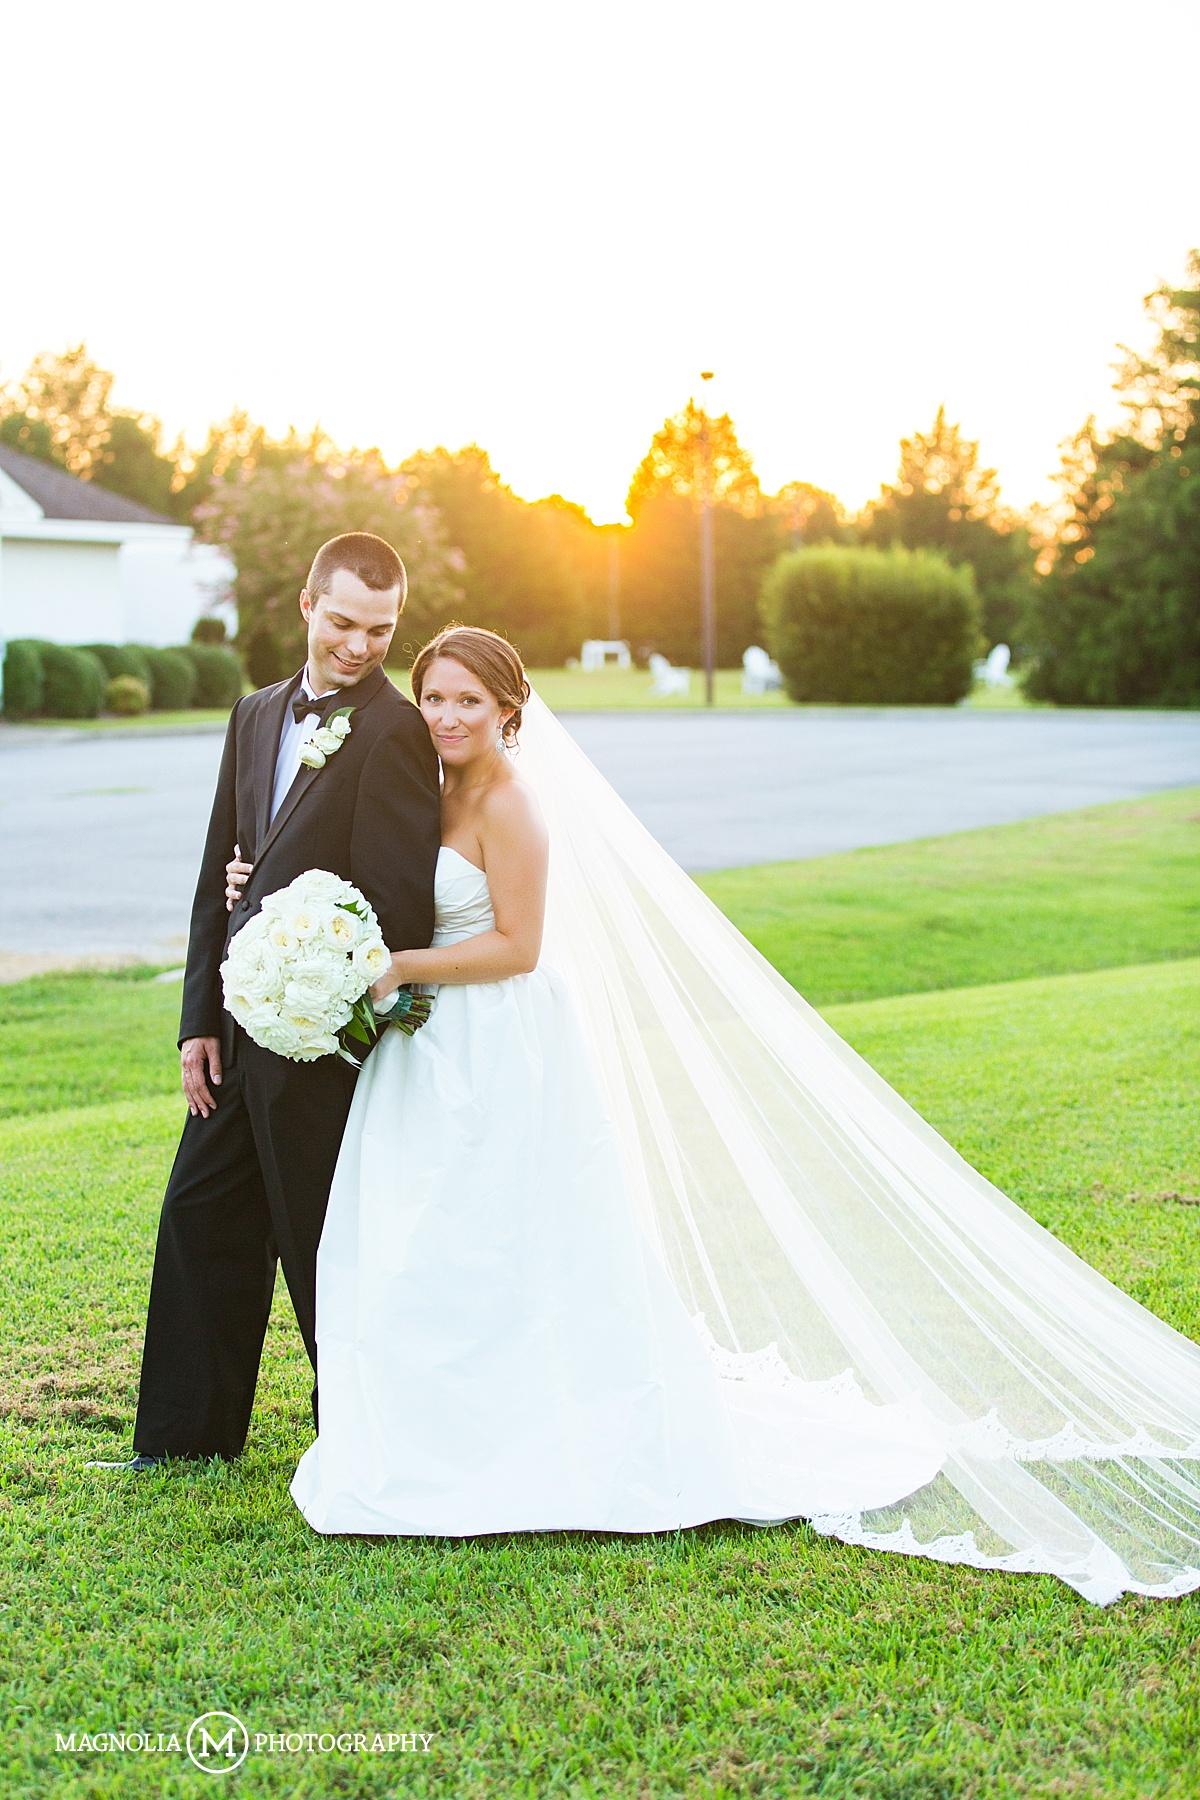 Rock Springs Greenville Nc Wedding Photos 073